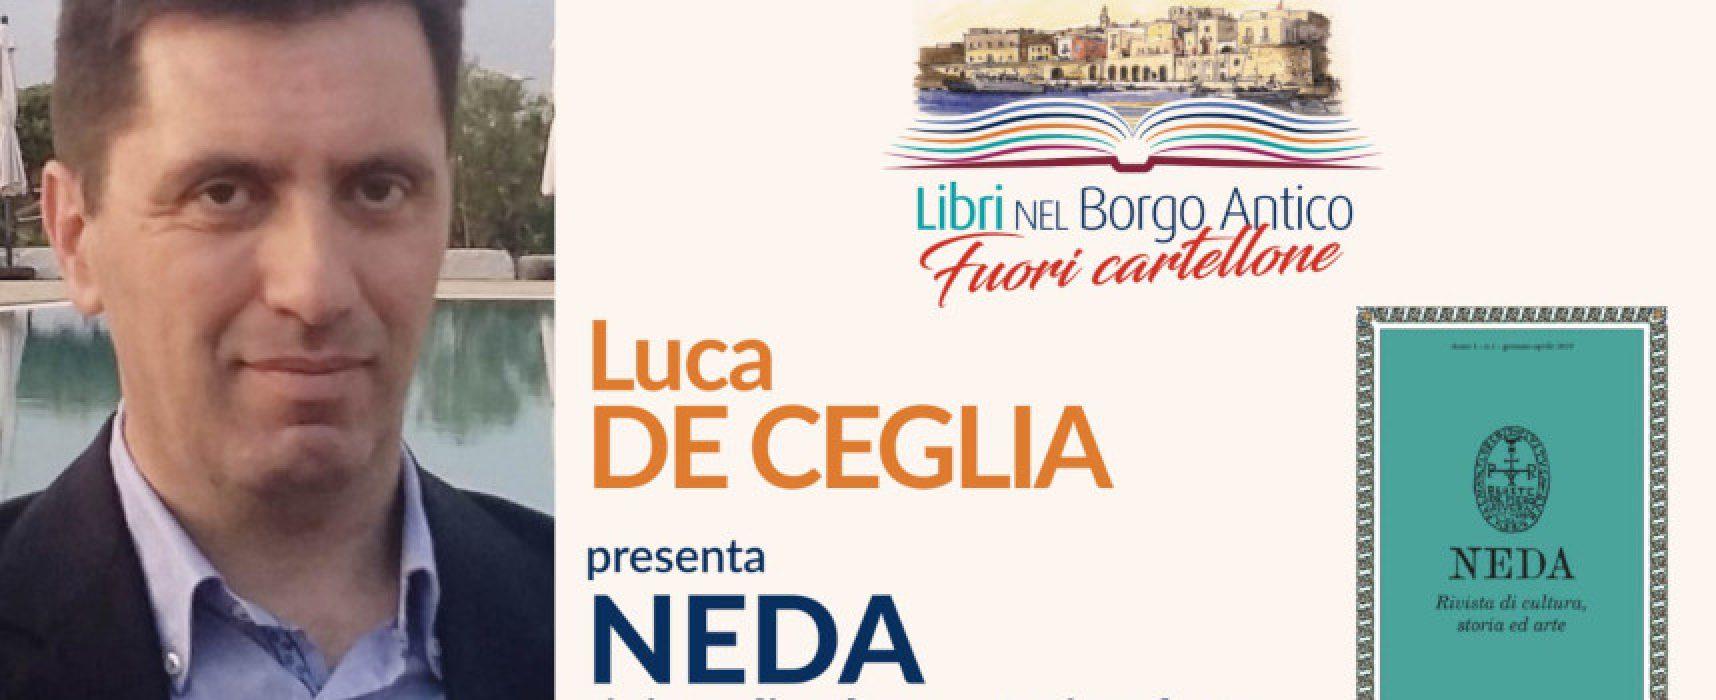 """#FuoriCartellone Libri nel Borgo Antico, Luca De Ceglia presenta """"Neda"""""""